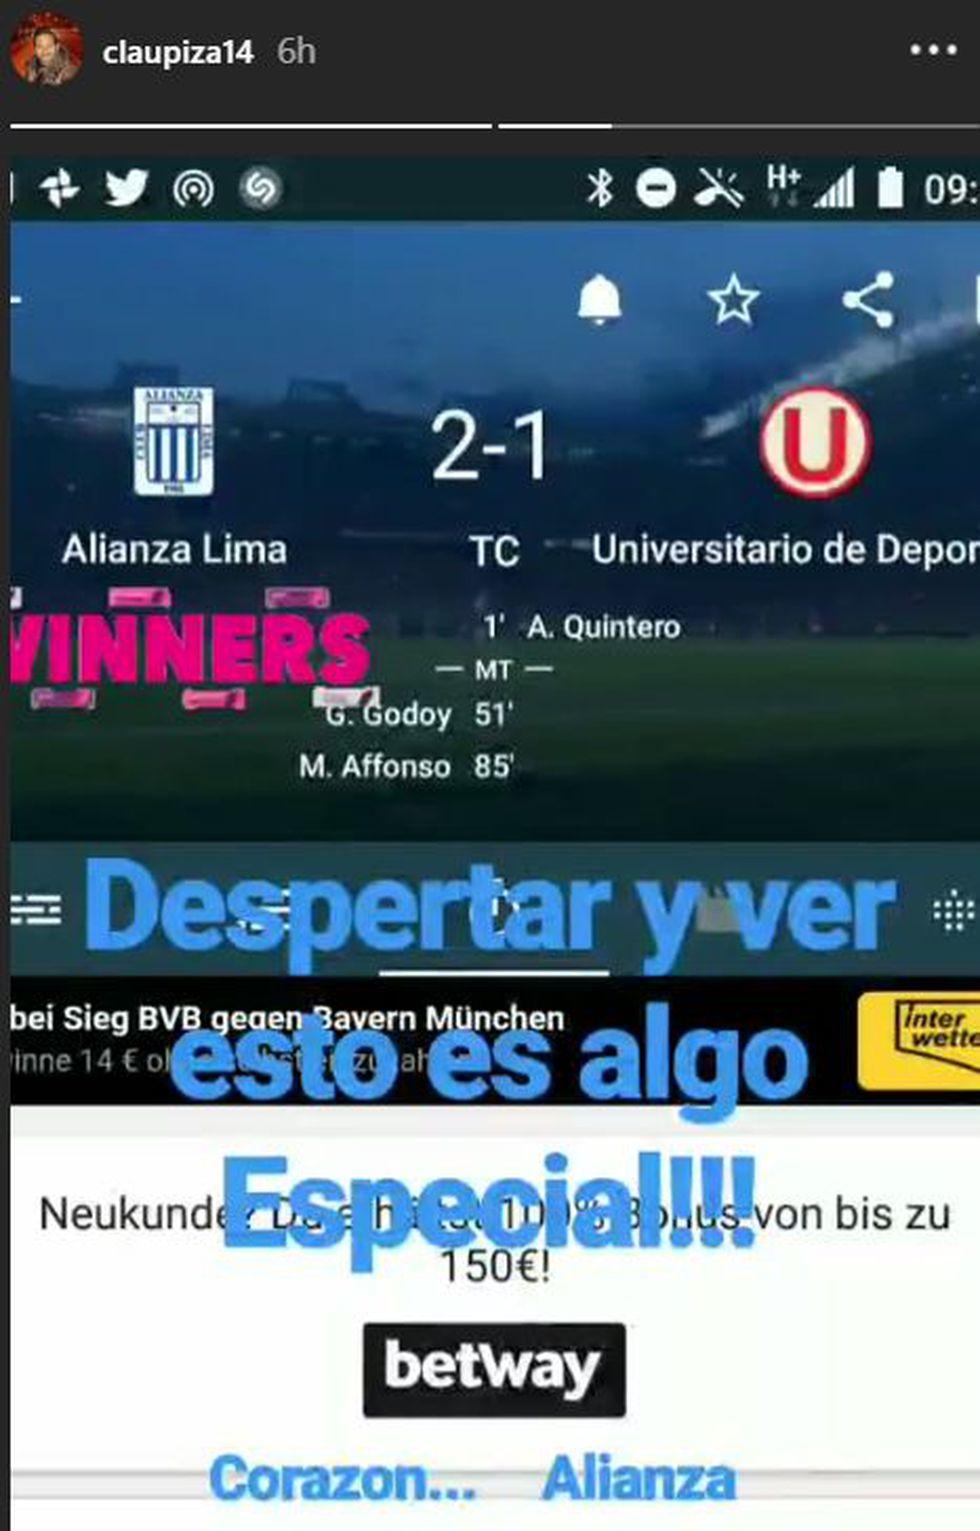 El festejo de Claudio Pizarro en Instagram tras triunfo de Alianza Lima. (Foto: Instagram)